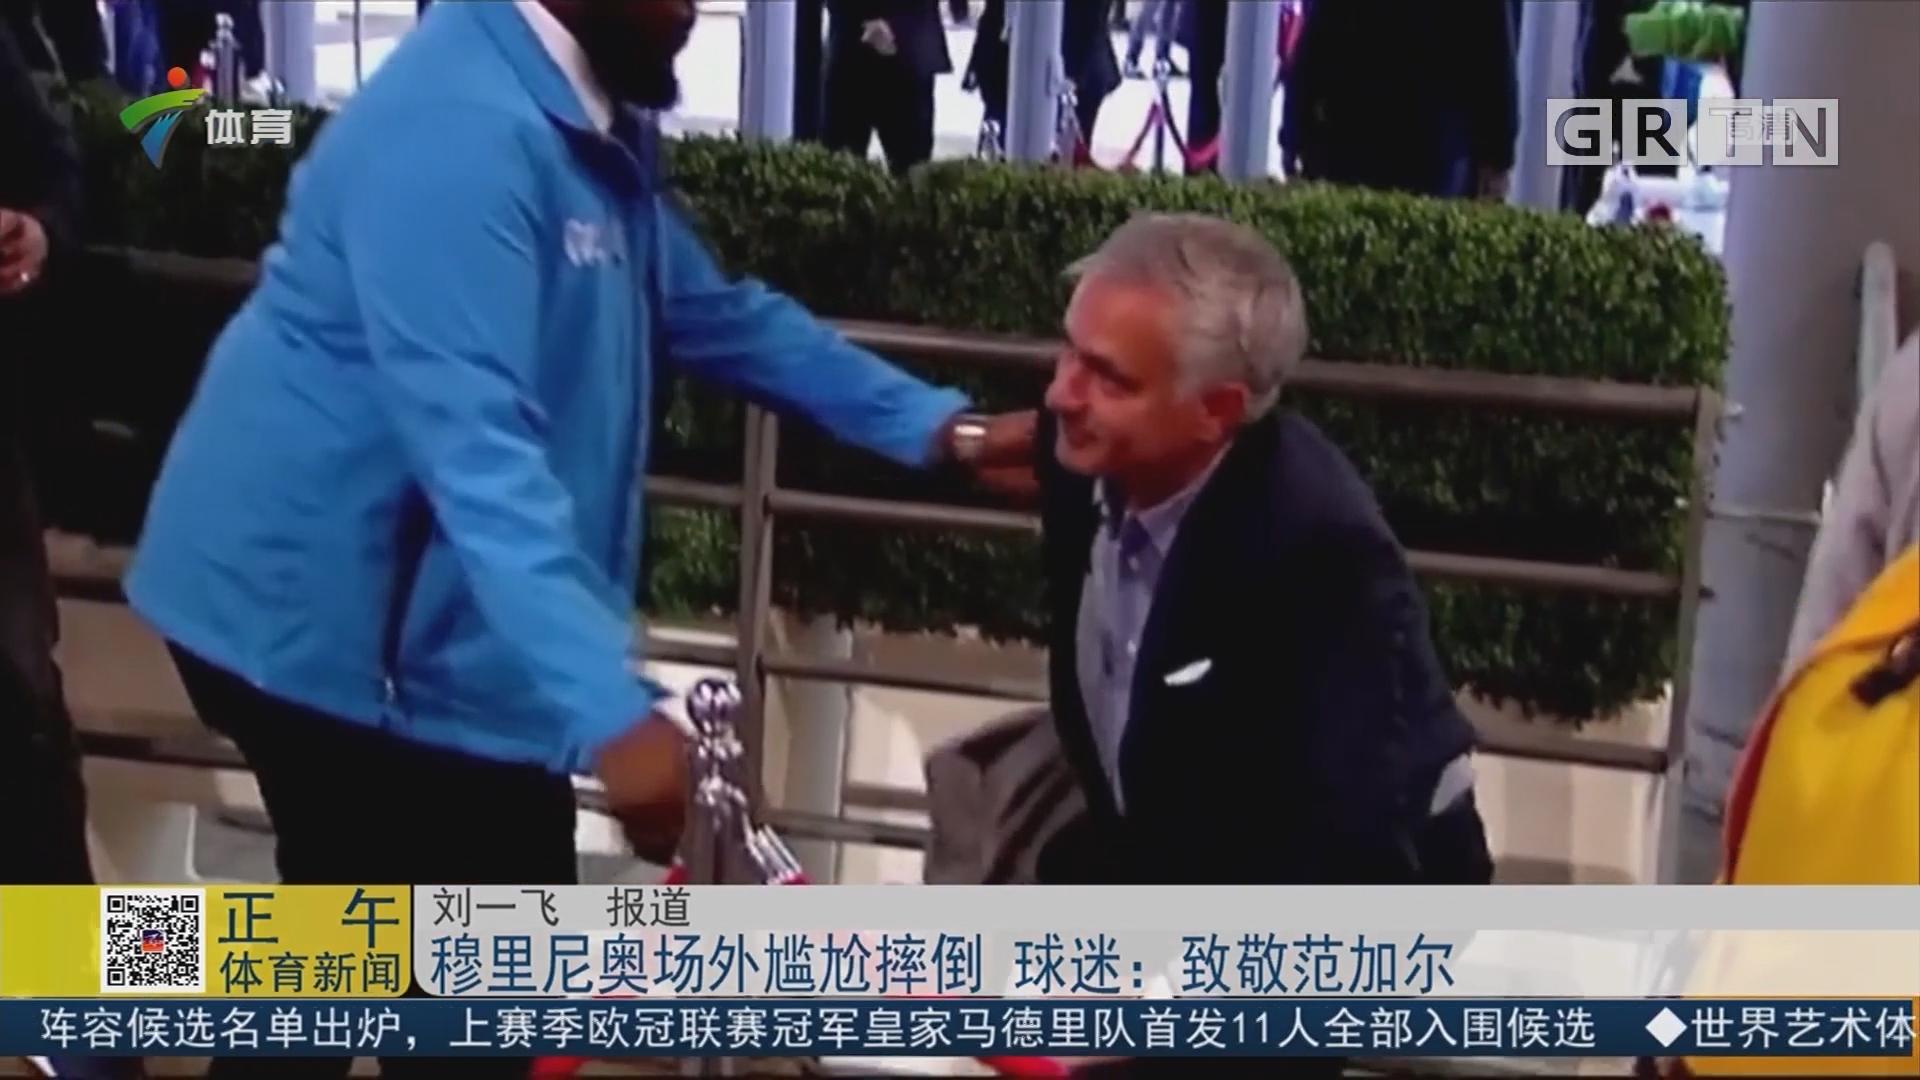 穆里尼奥场外尴尬摔倒 球迷:致敬范加尔